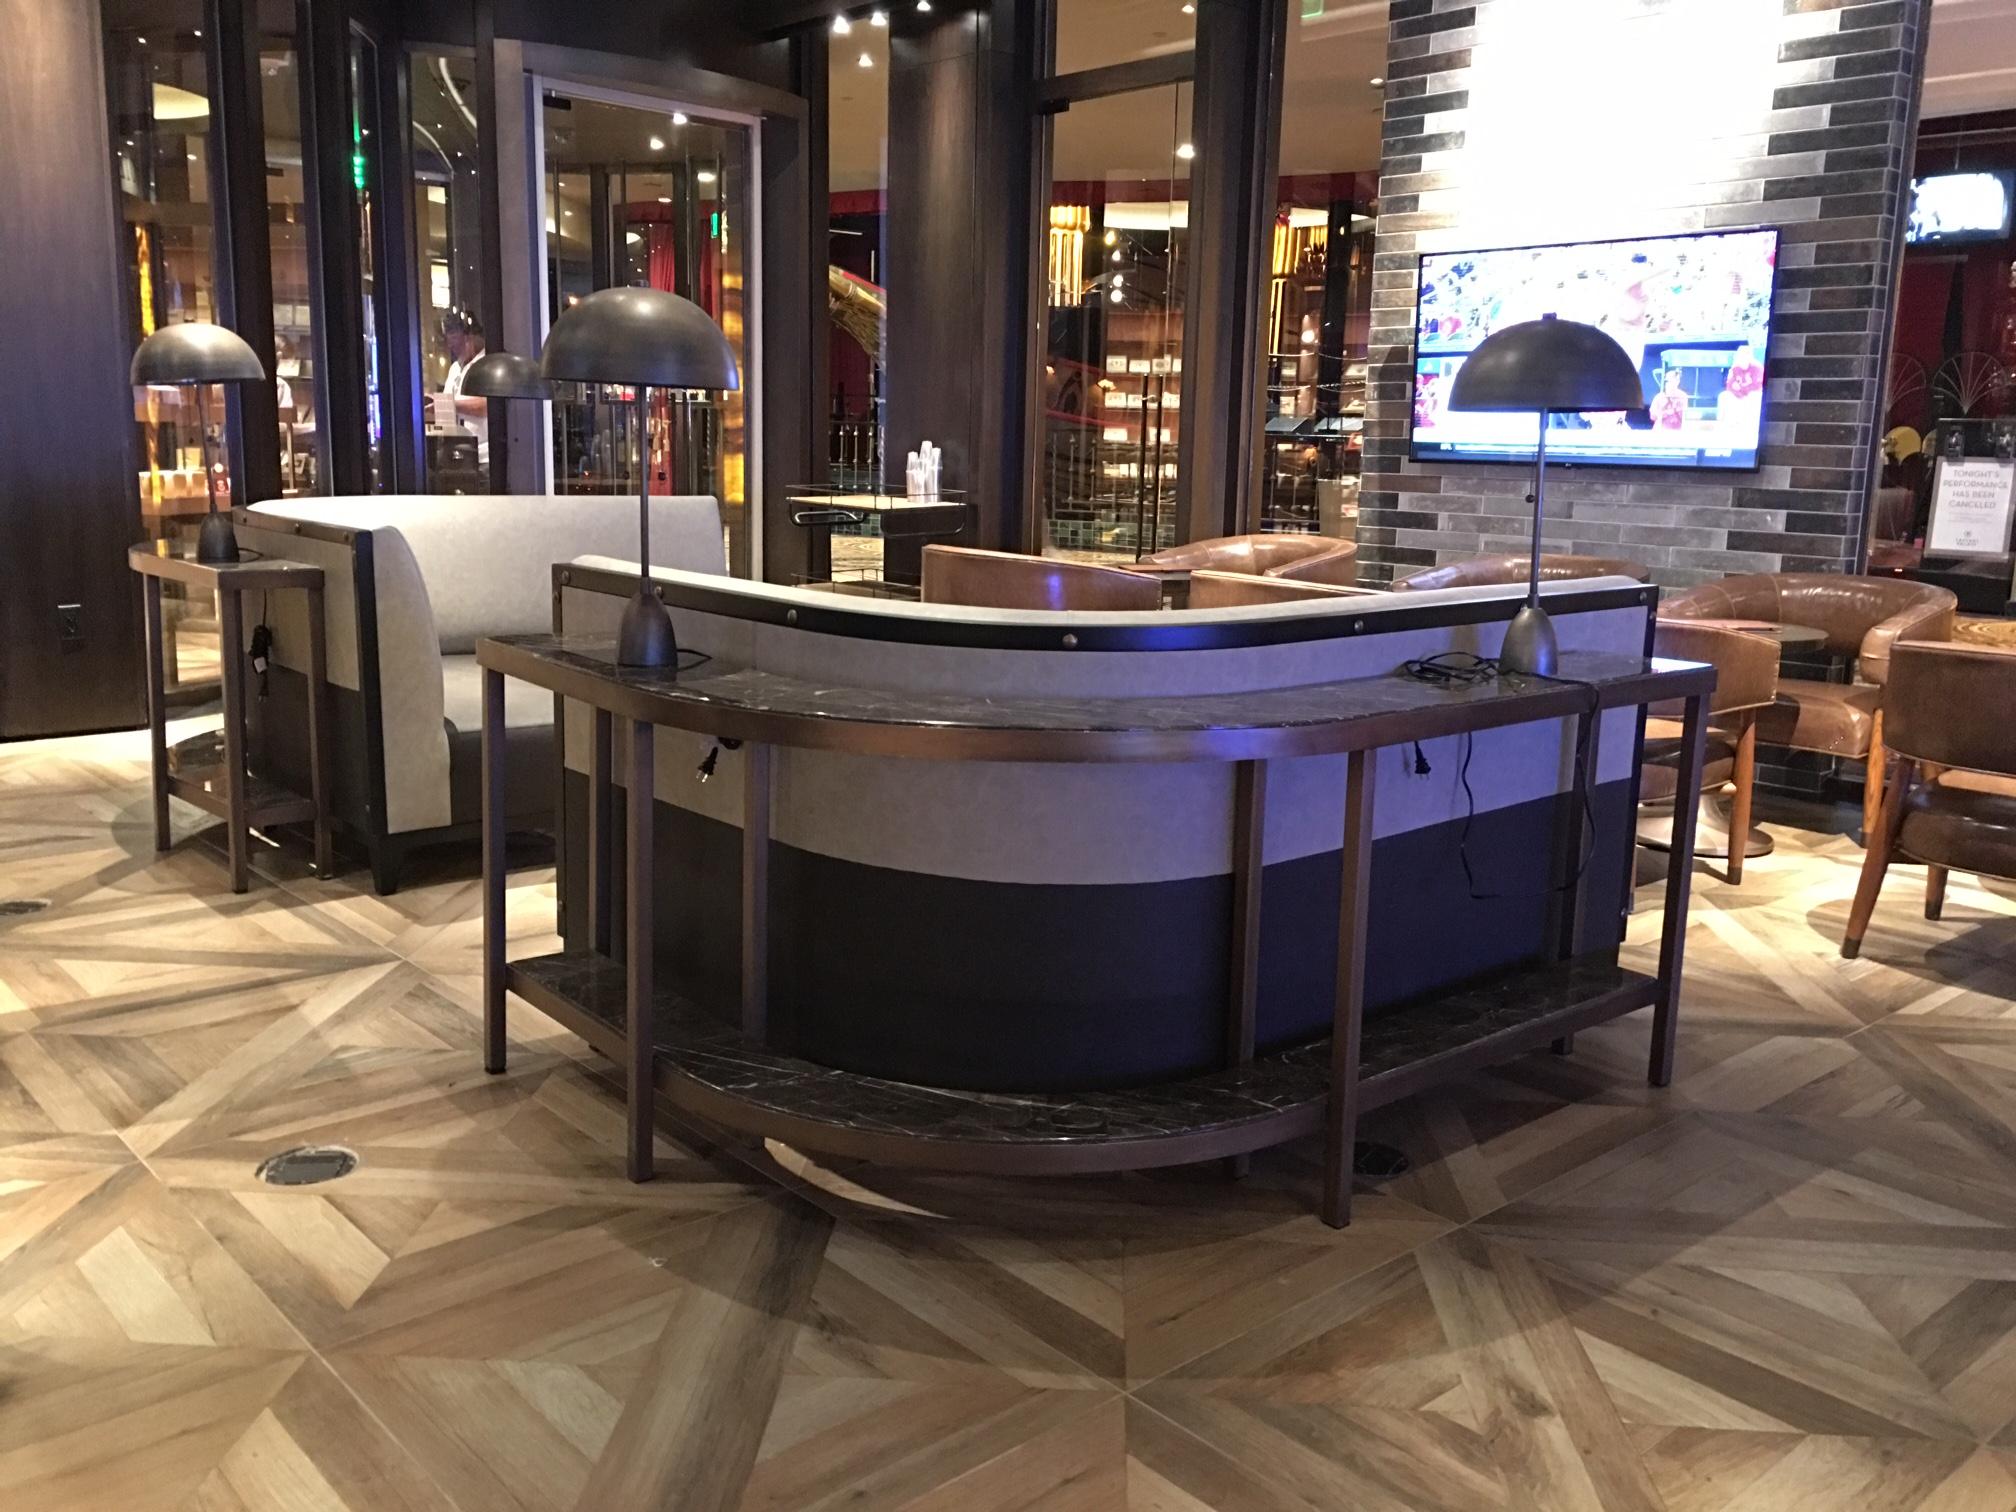 Montecristo Cigar Bar, Las Vegas